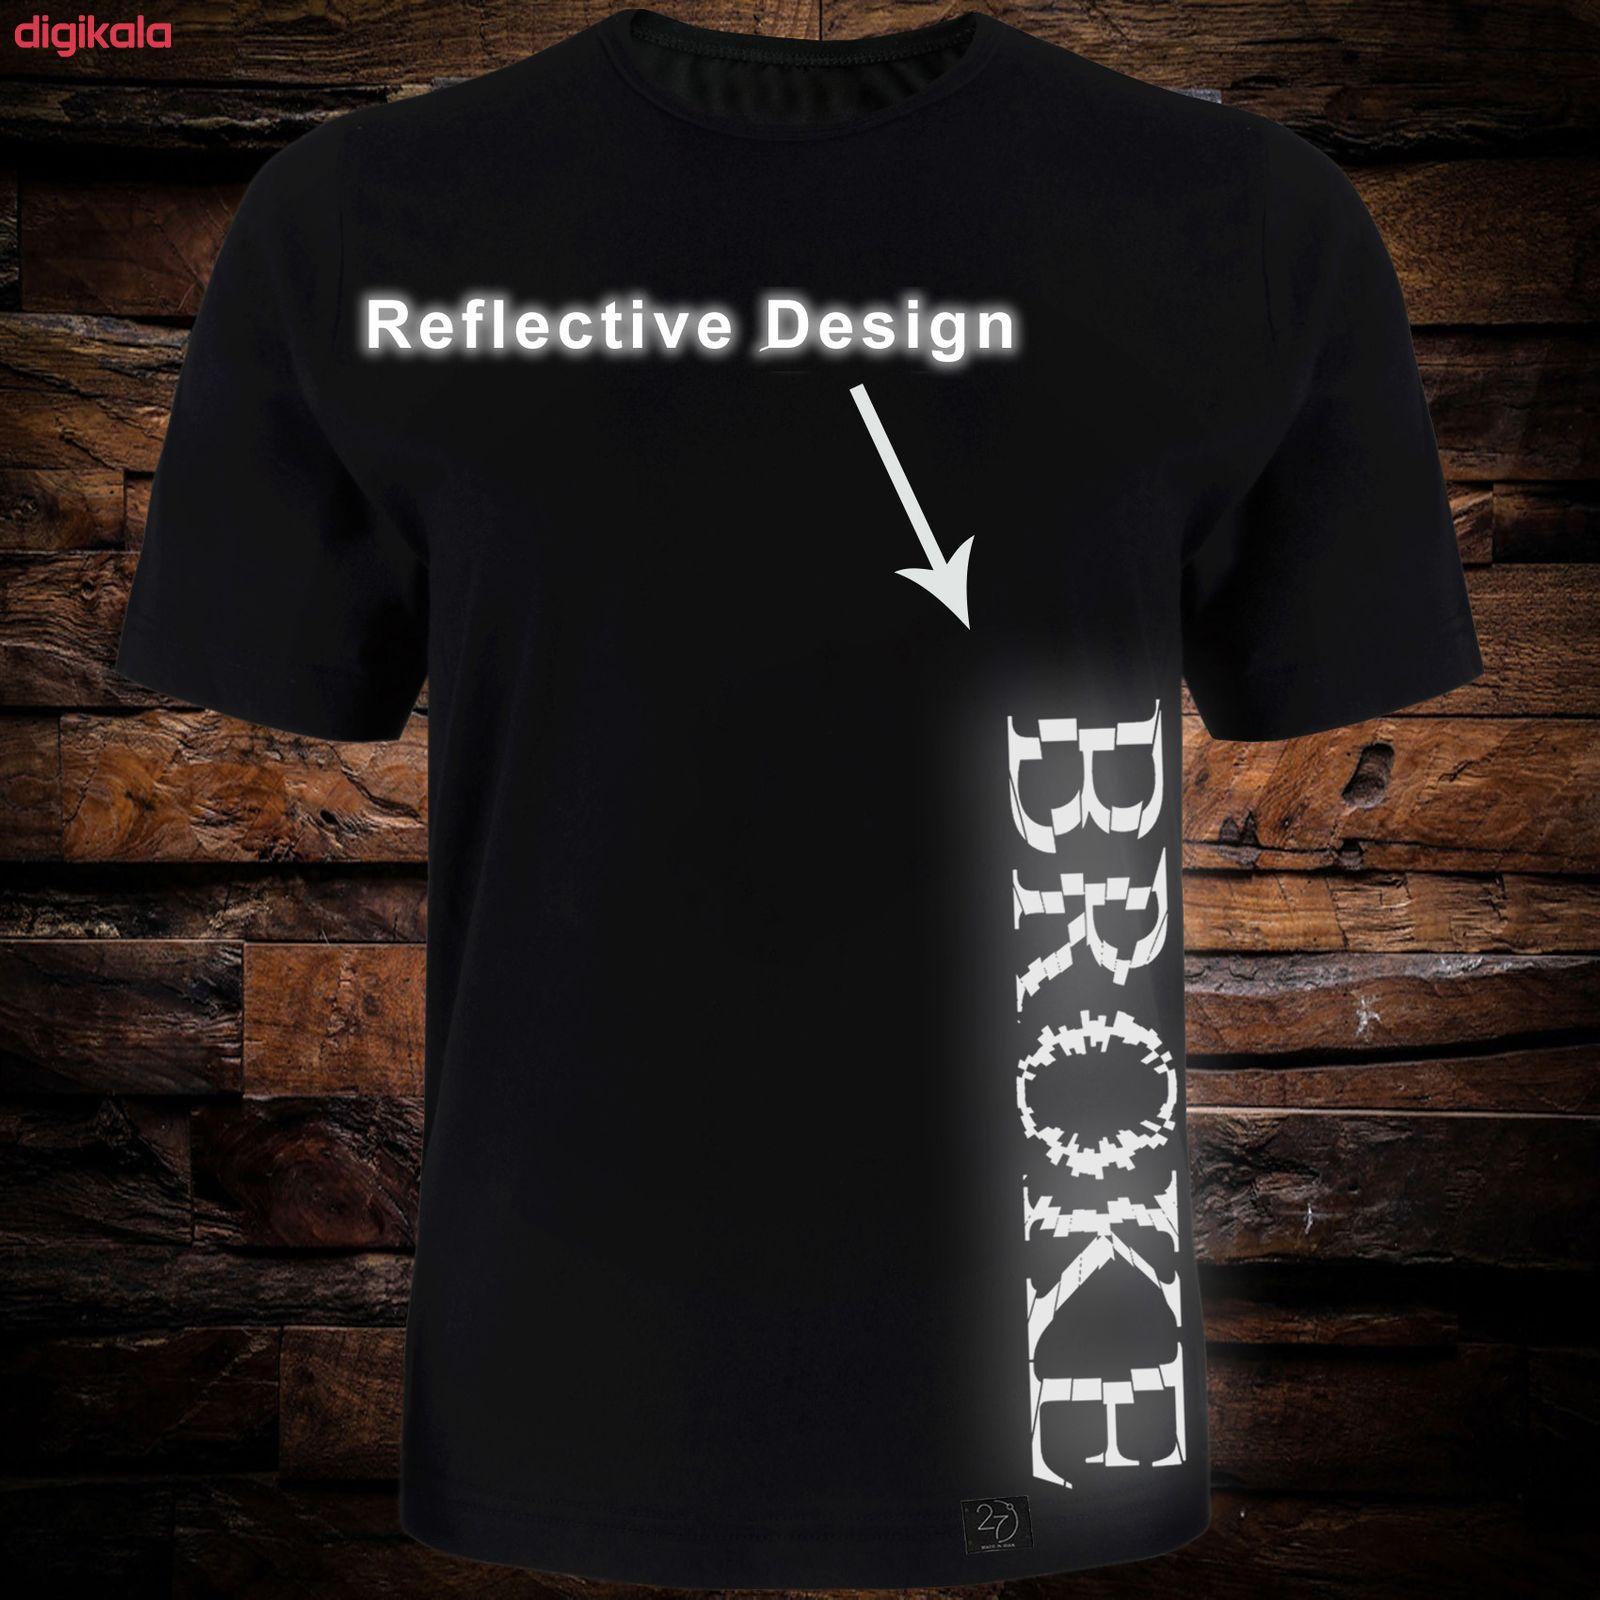 تی شرت آستین کوتاه مردانه طرح Broke کد TR10 رنگ مشکی main 1 2